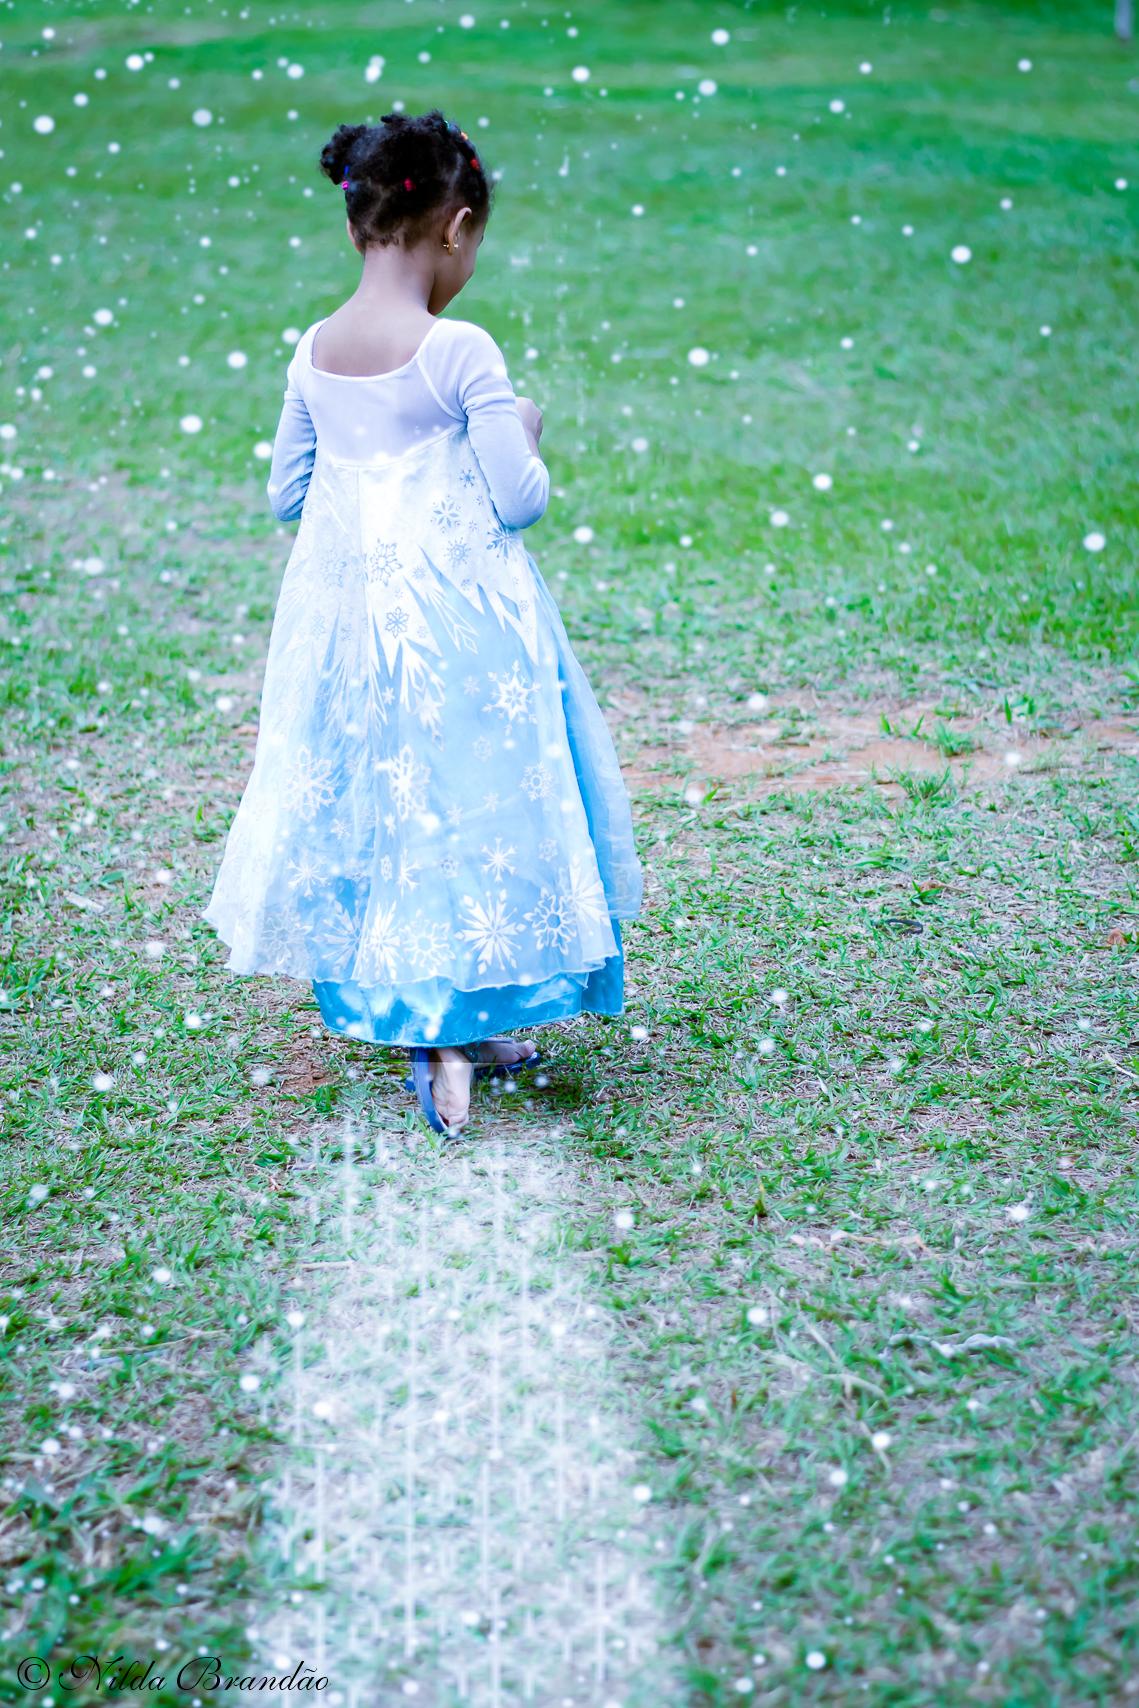 Rainha Elsa de Arendelle - Ensaio infantil da Julia, no parque em São Paulo.